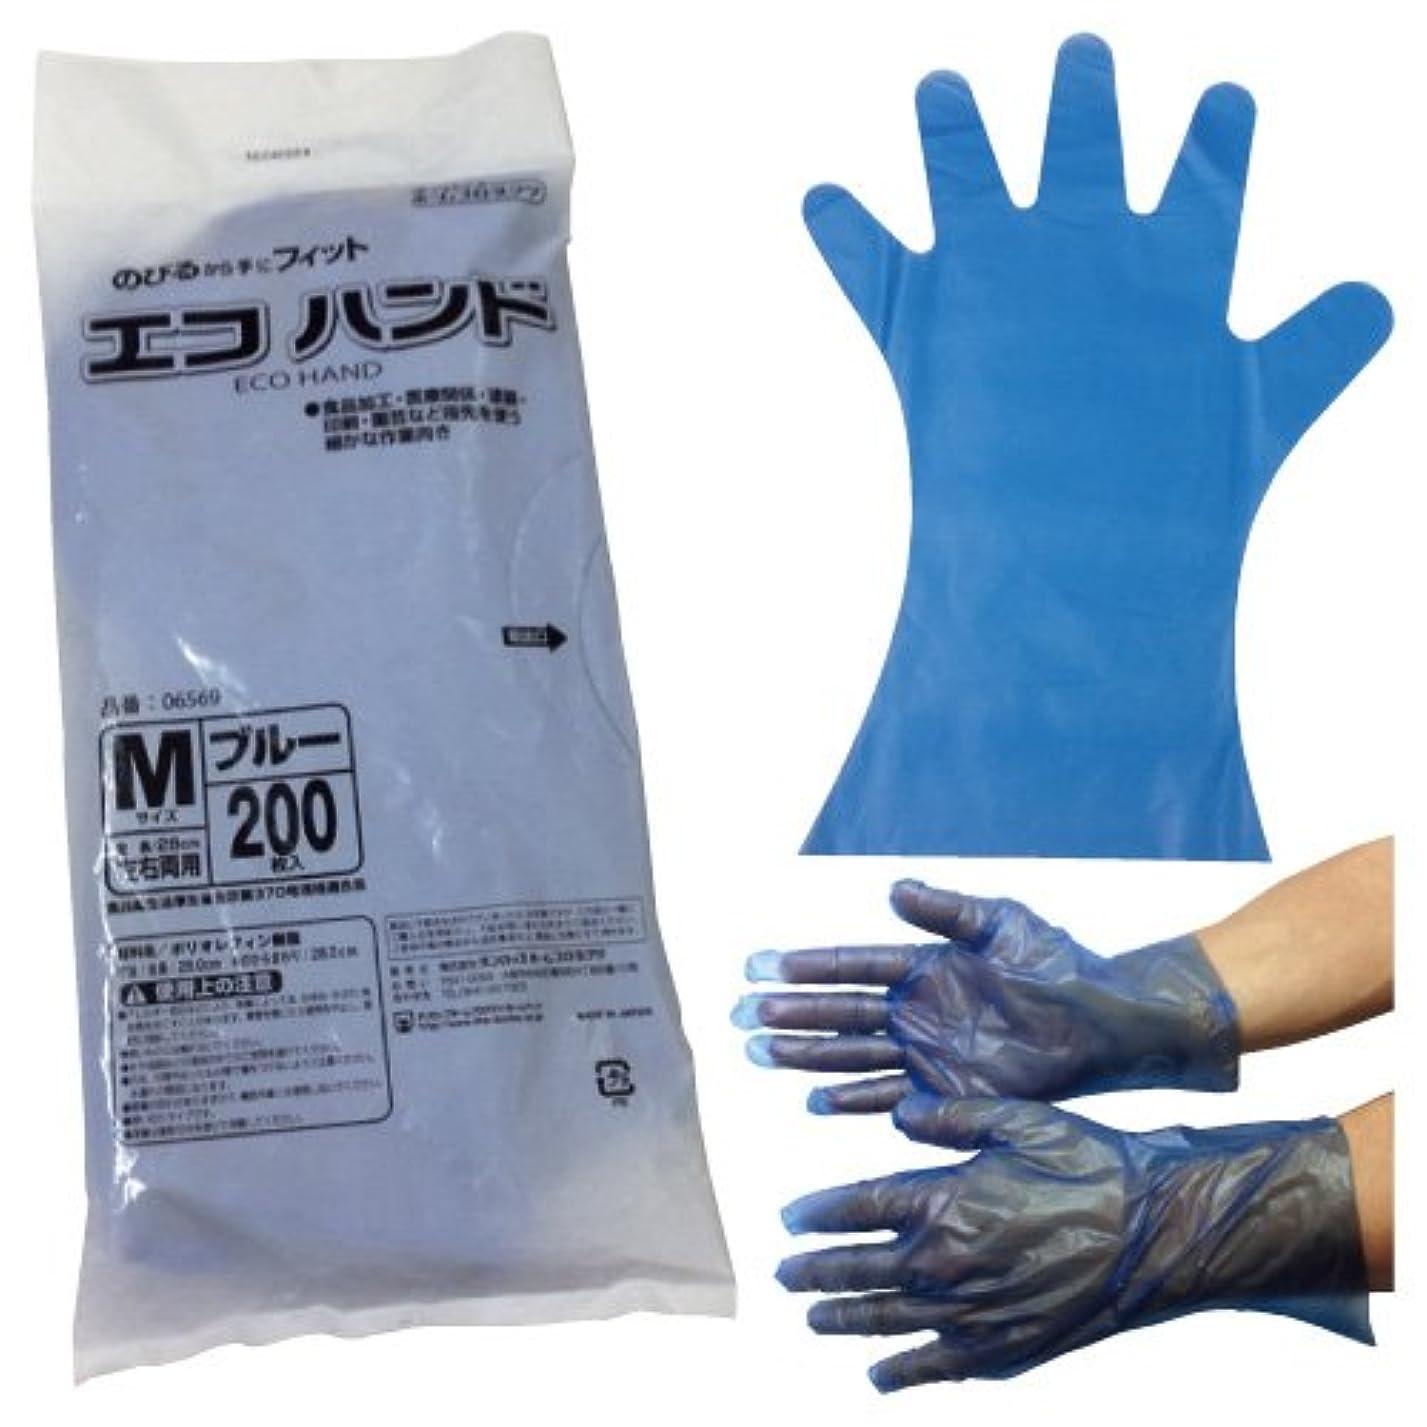 ボールアーティキュレーションファイアル補助用手袋 エコハンド(M) ?????????????????(M) 6569(200????)【20袋単位】(24-3470-01)